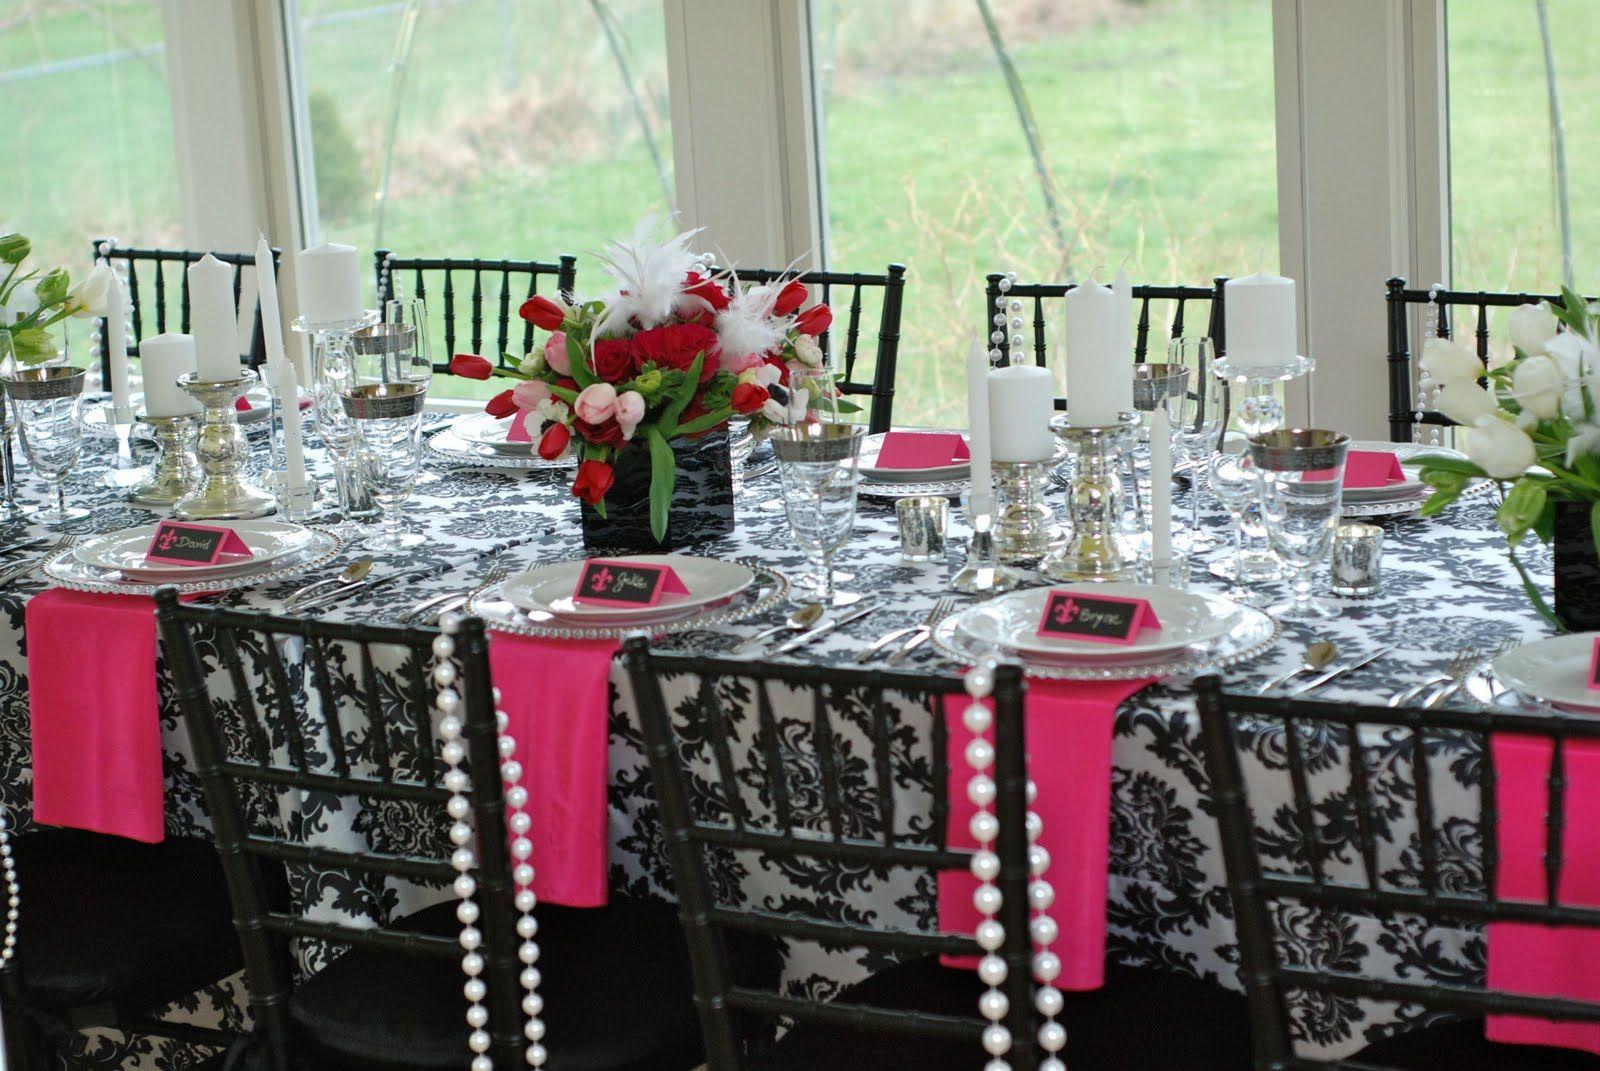 Paris party theme table decorations pinterest - French themed table decorations ...